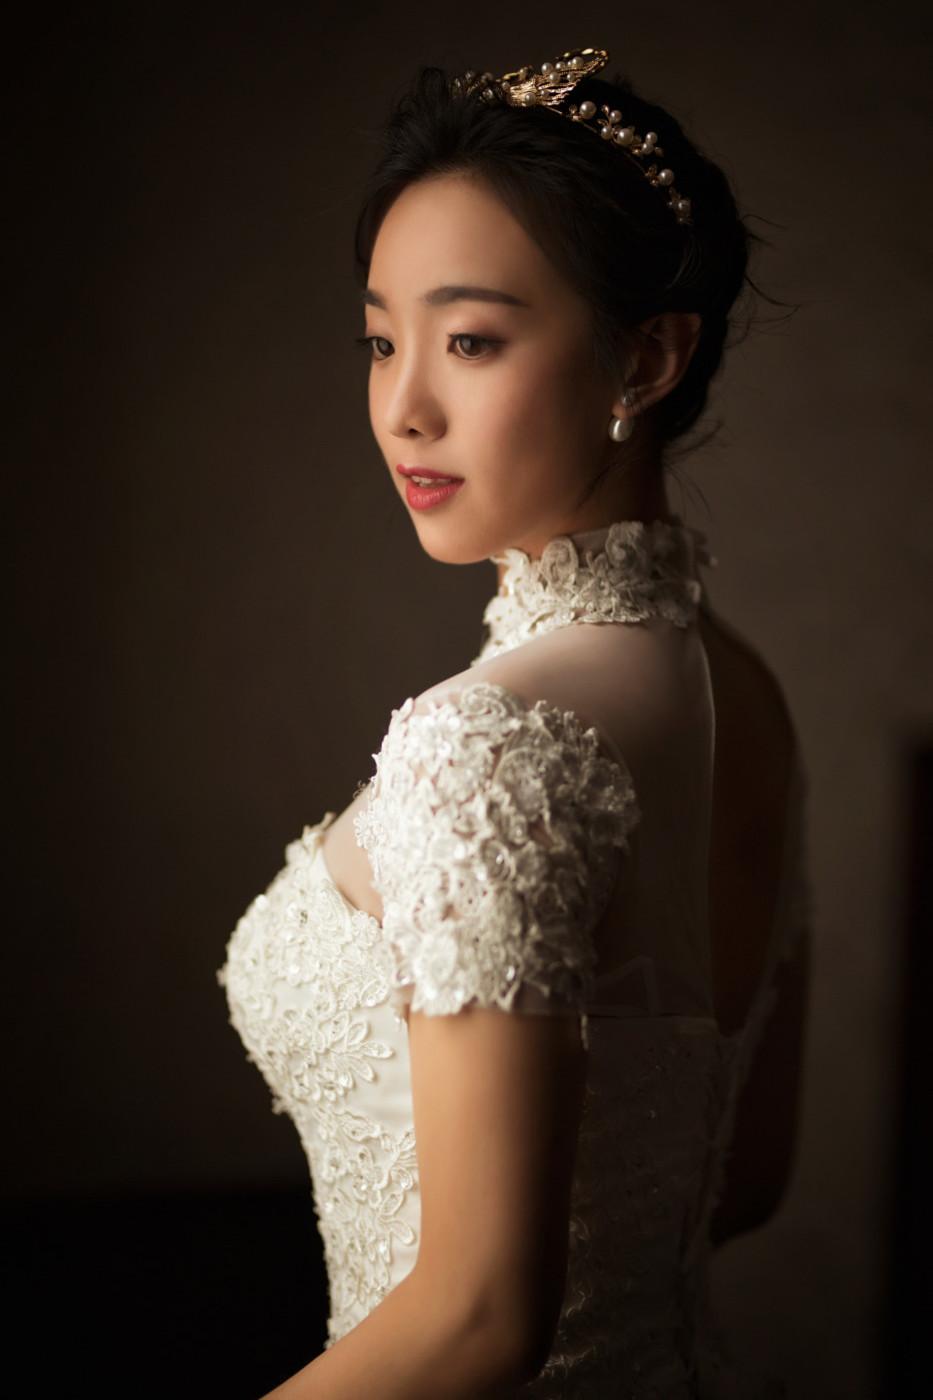 [KAI 旅行婚纱]姑苏城外,夜半钟声42